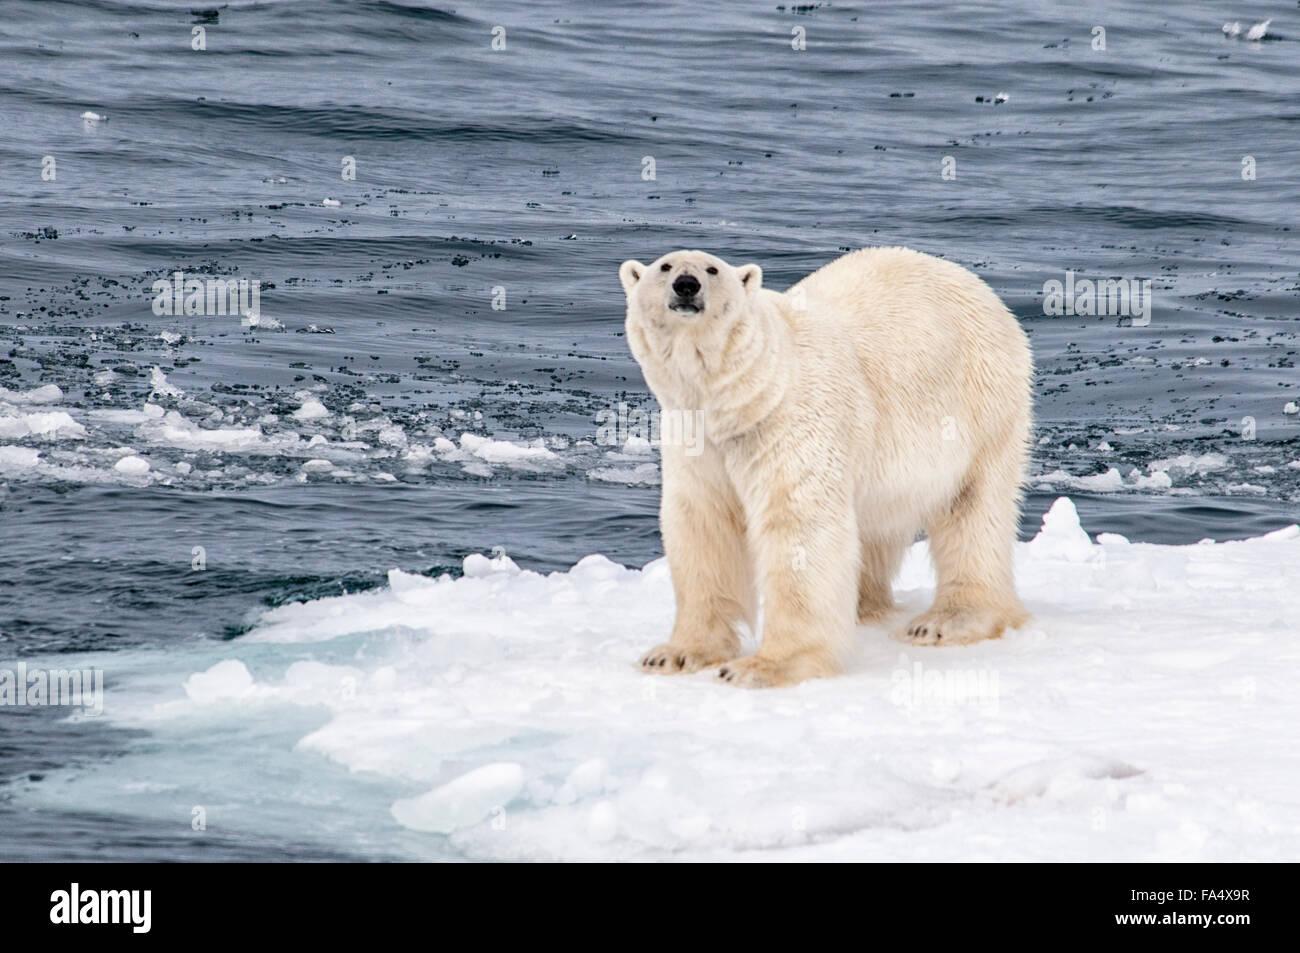 Einsame Eisbär Ursus Maritimus, stehend auf einem Stück Eis im arktischen Meer, Spitzbergen, Norwegen Stockfoto